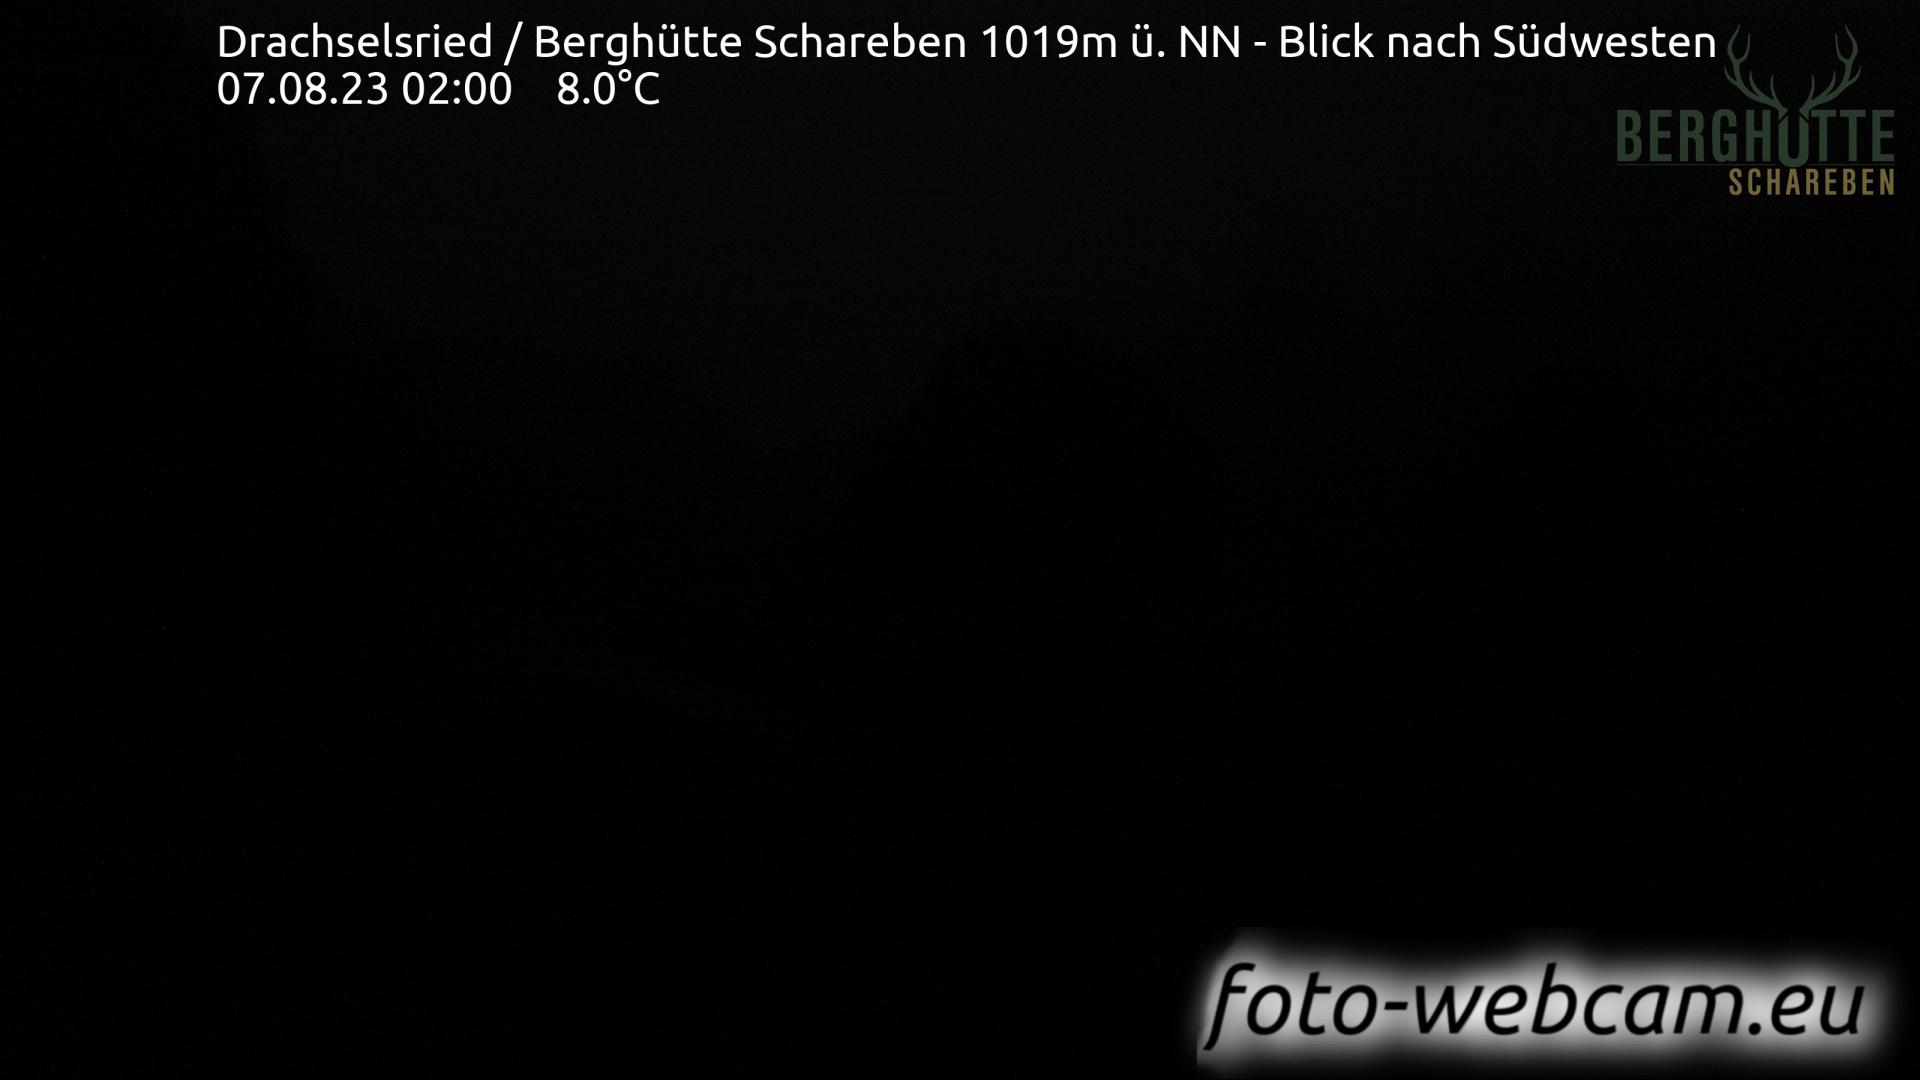 Drachselsried Sat. 02:57